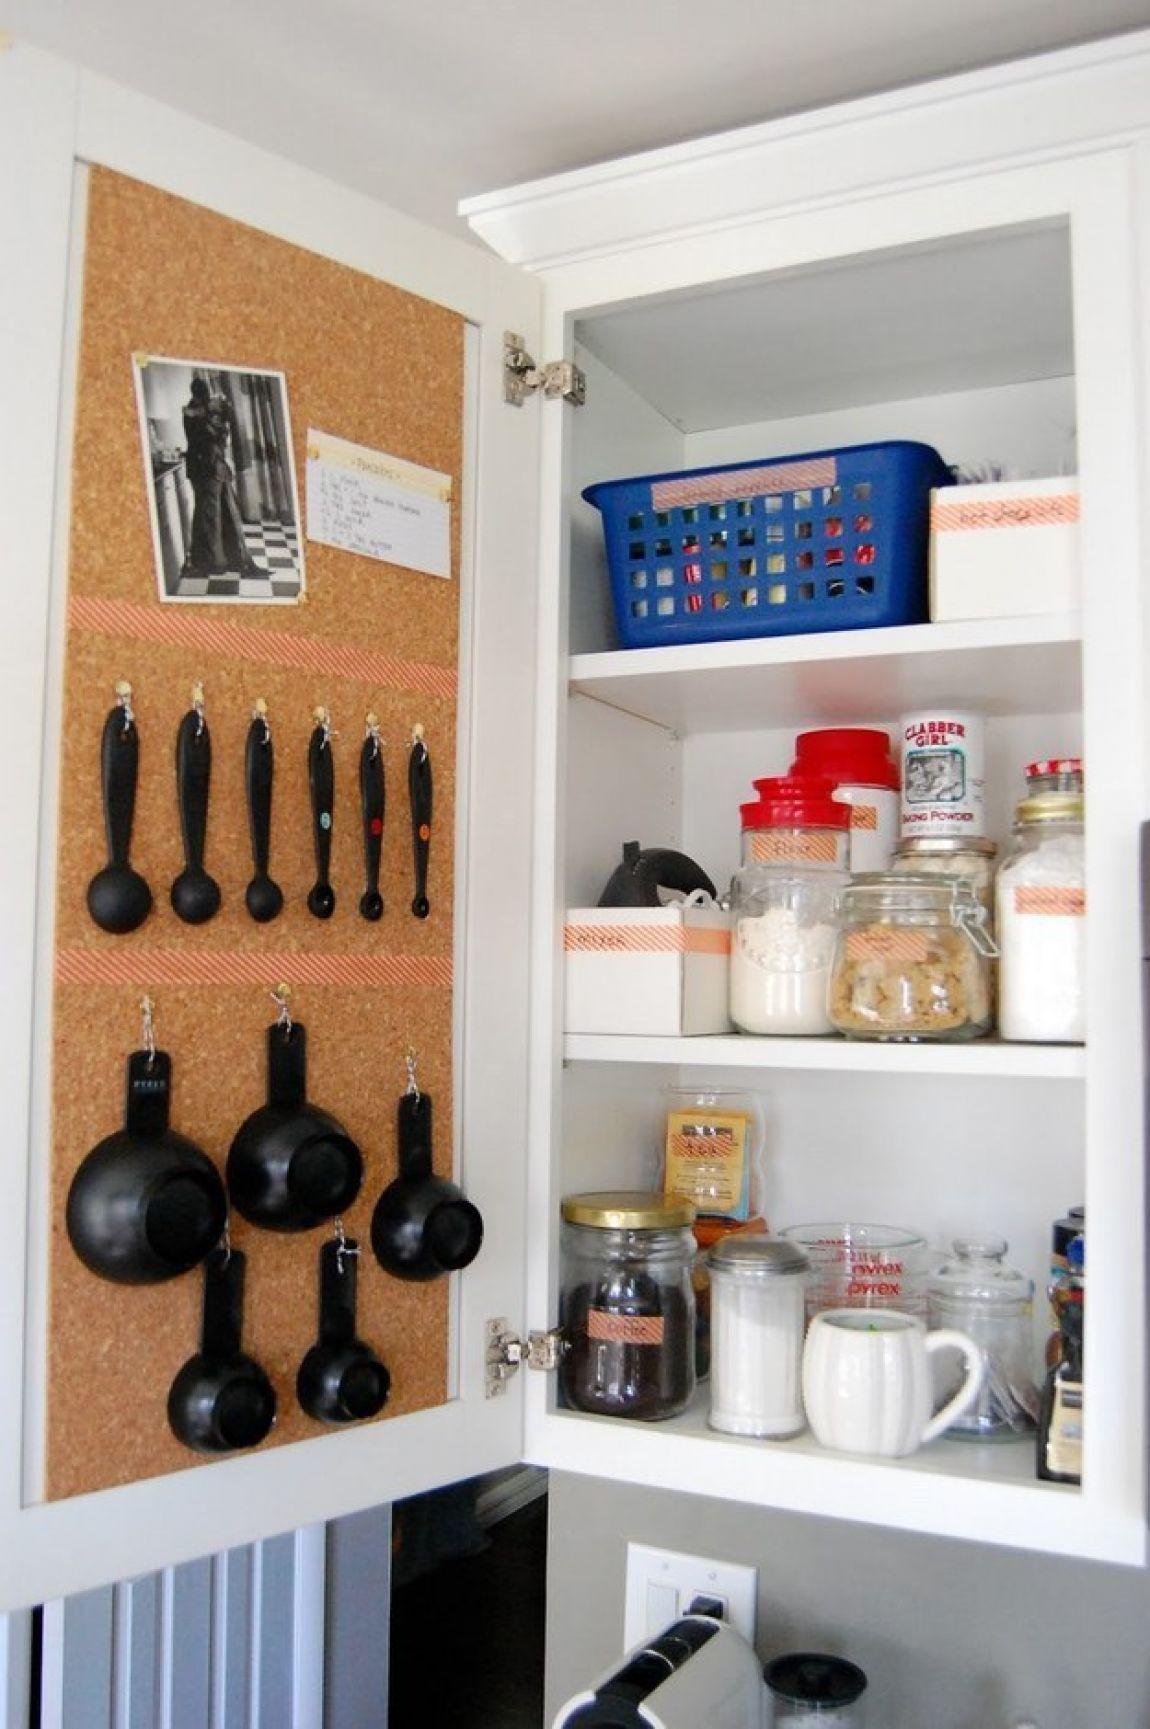 организация пространства на кухне фото 5